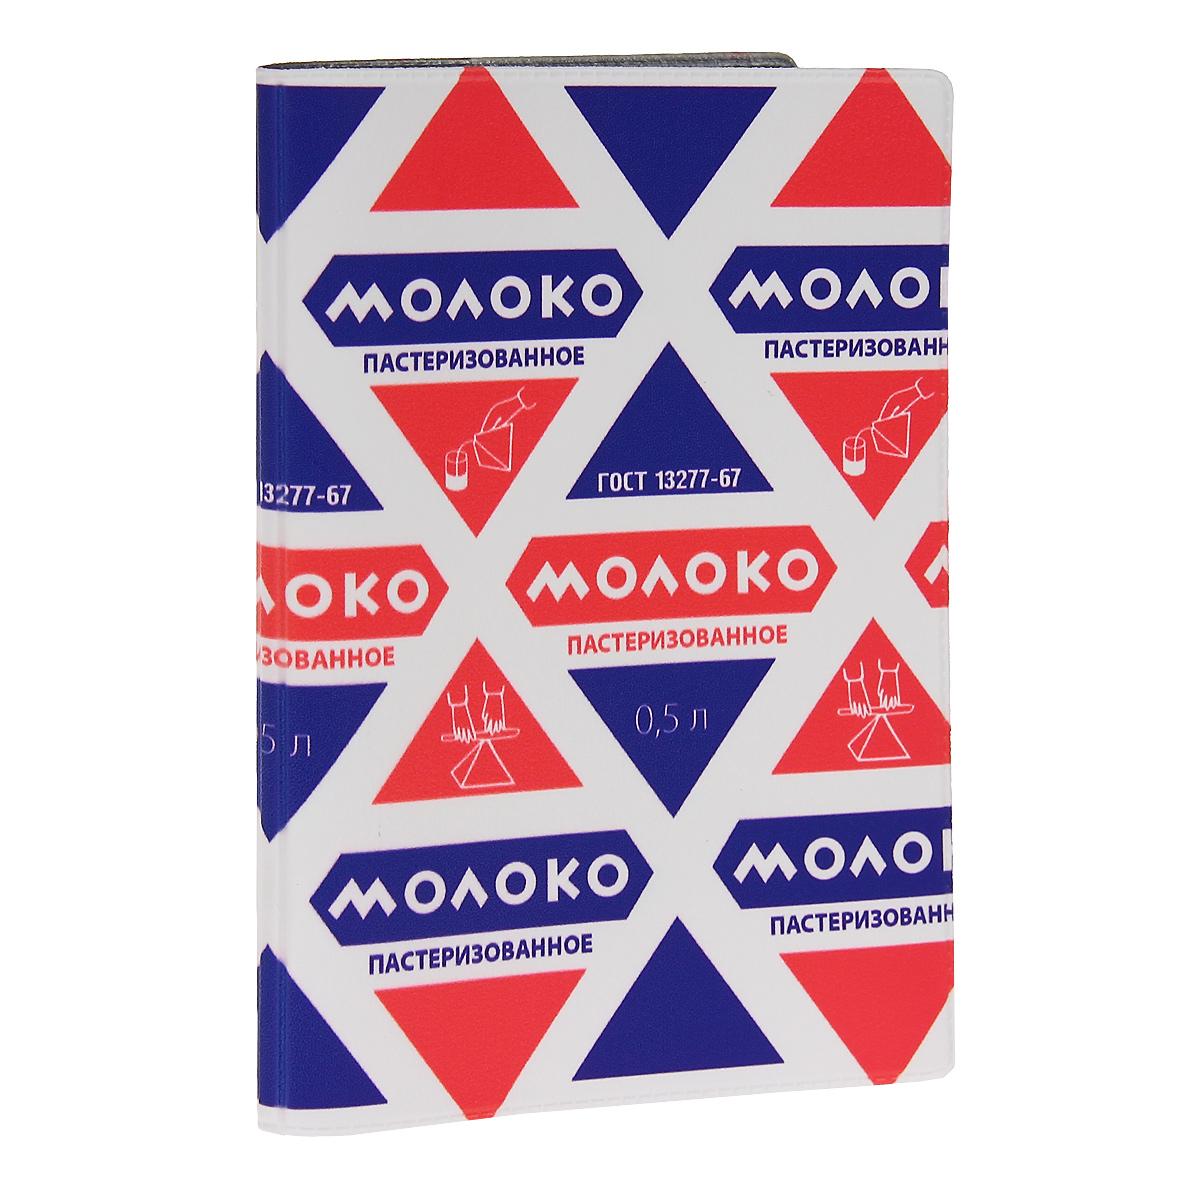 Обложка для паспорта Молоко. OZAM289100Обложка для паспорта Mitya Veselkov Молоко выполнена из прочного ПВХ и стилизована под упаковку из-под молока. Такая обложка не только поможет сохранить внешний вид ваших документов и защитит их от повреждений, но и станет стильным аксессуаром, идеально подходящим вашему образу.Яркая и оригинальная обложка подчеркнет вашу индивидуальность и изысканный вкус. Обложка для паспорта стильного дизайна может быть достойным и оригинальным подарком.